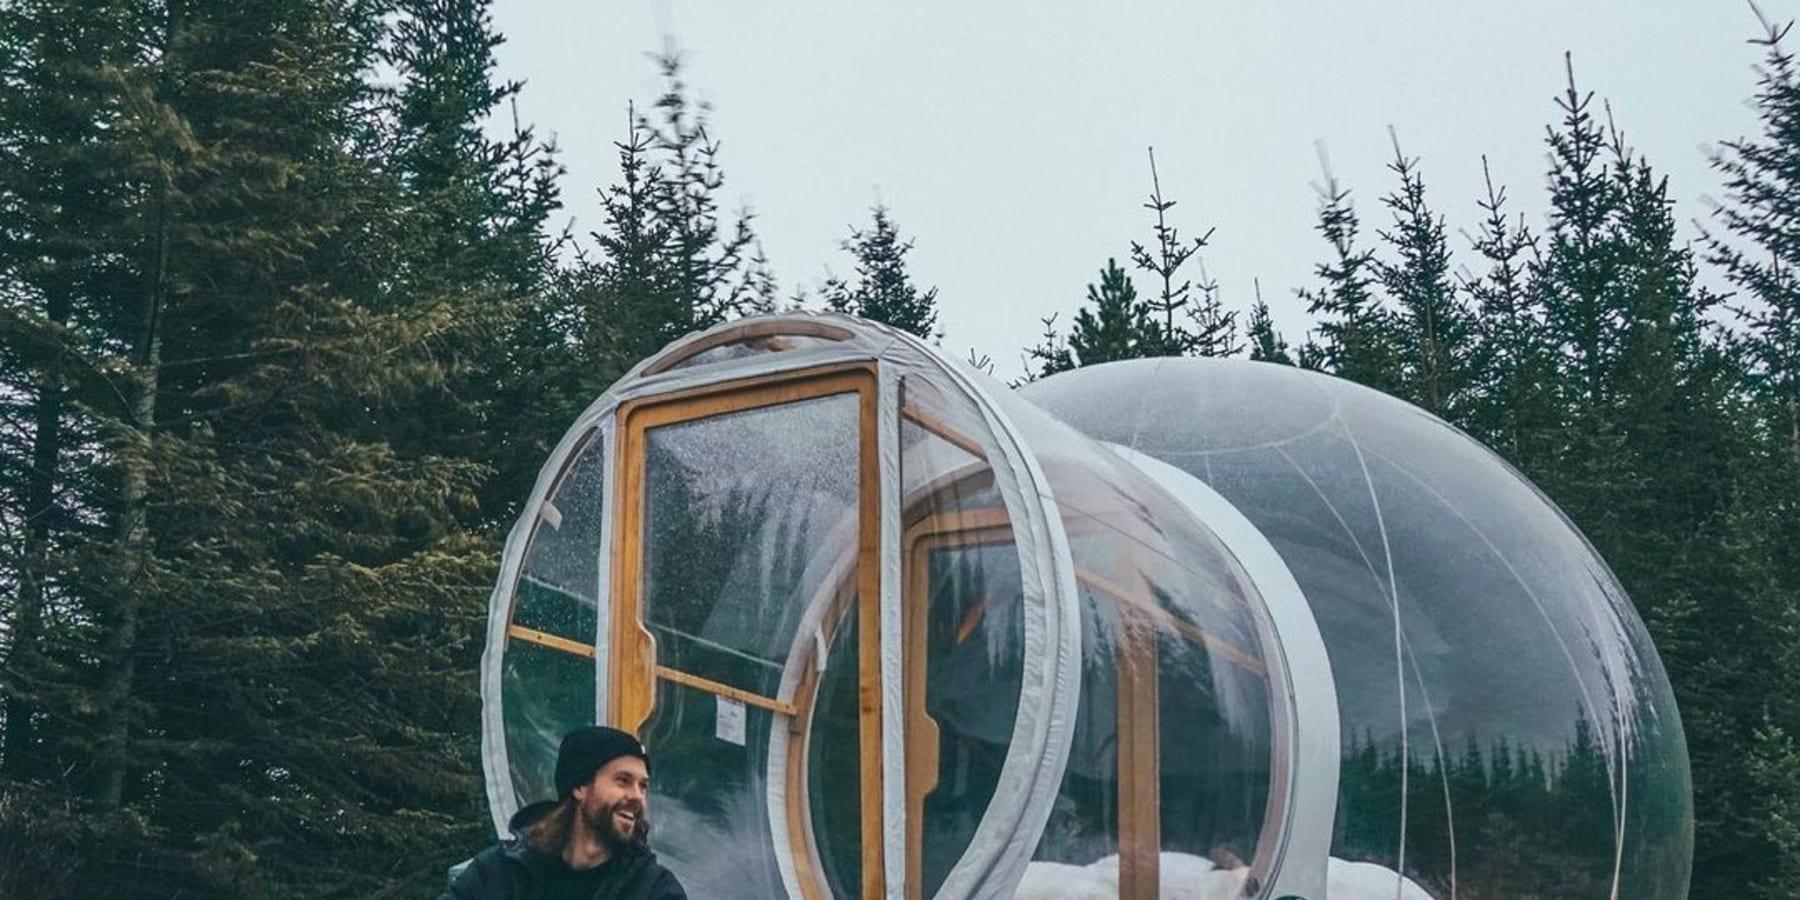 宿の予約で環境を再生。サステナブルな民泊プラットフォーム「sustayn」